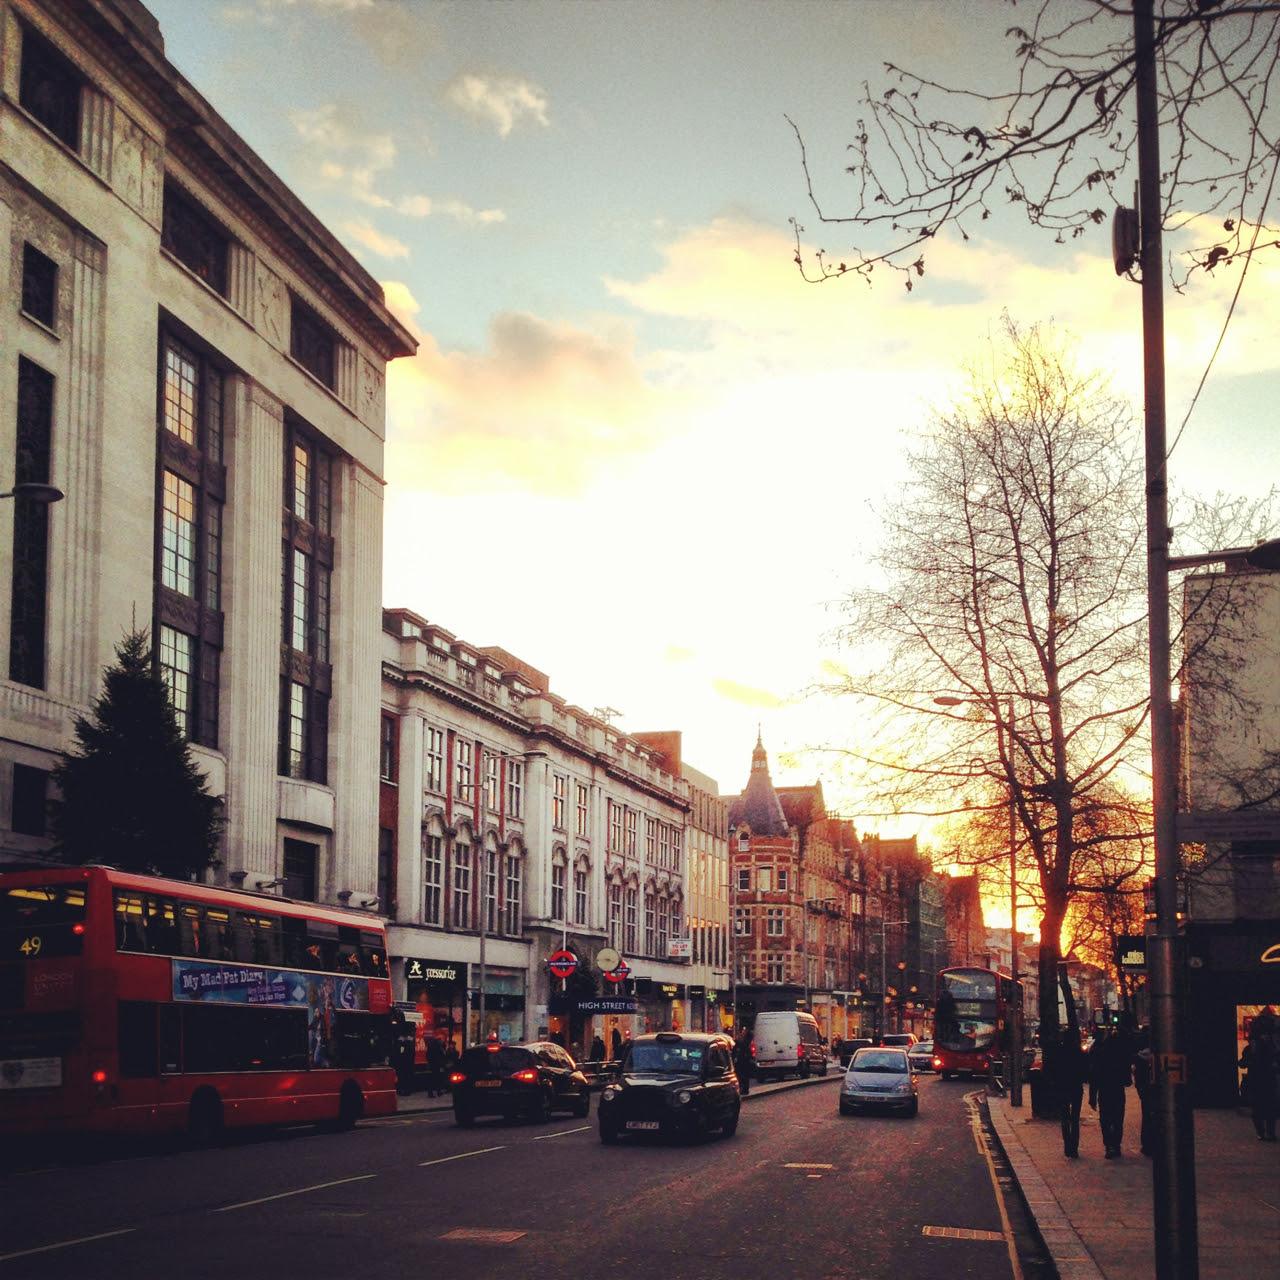 Londres é sempre tão linda...